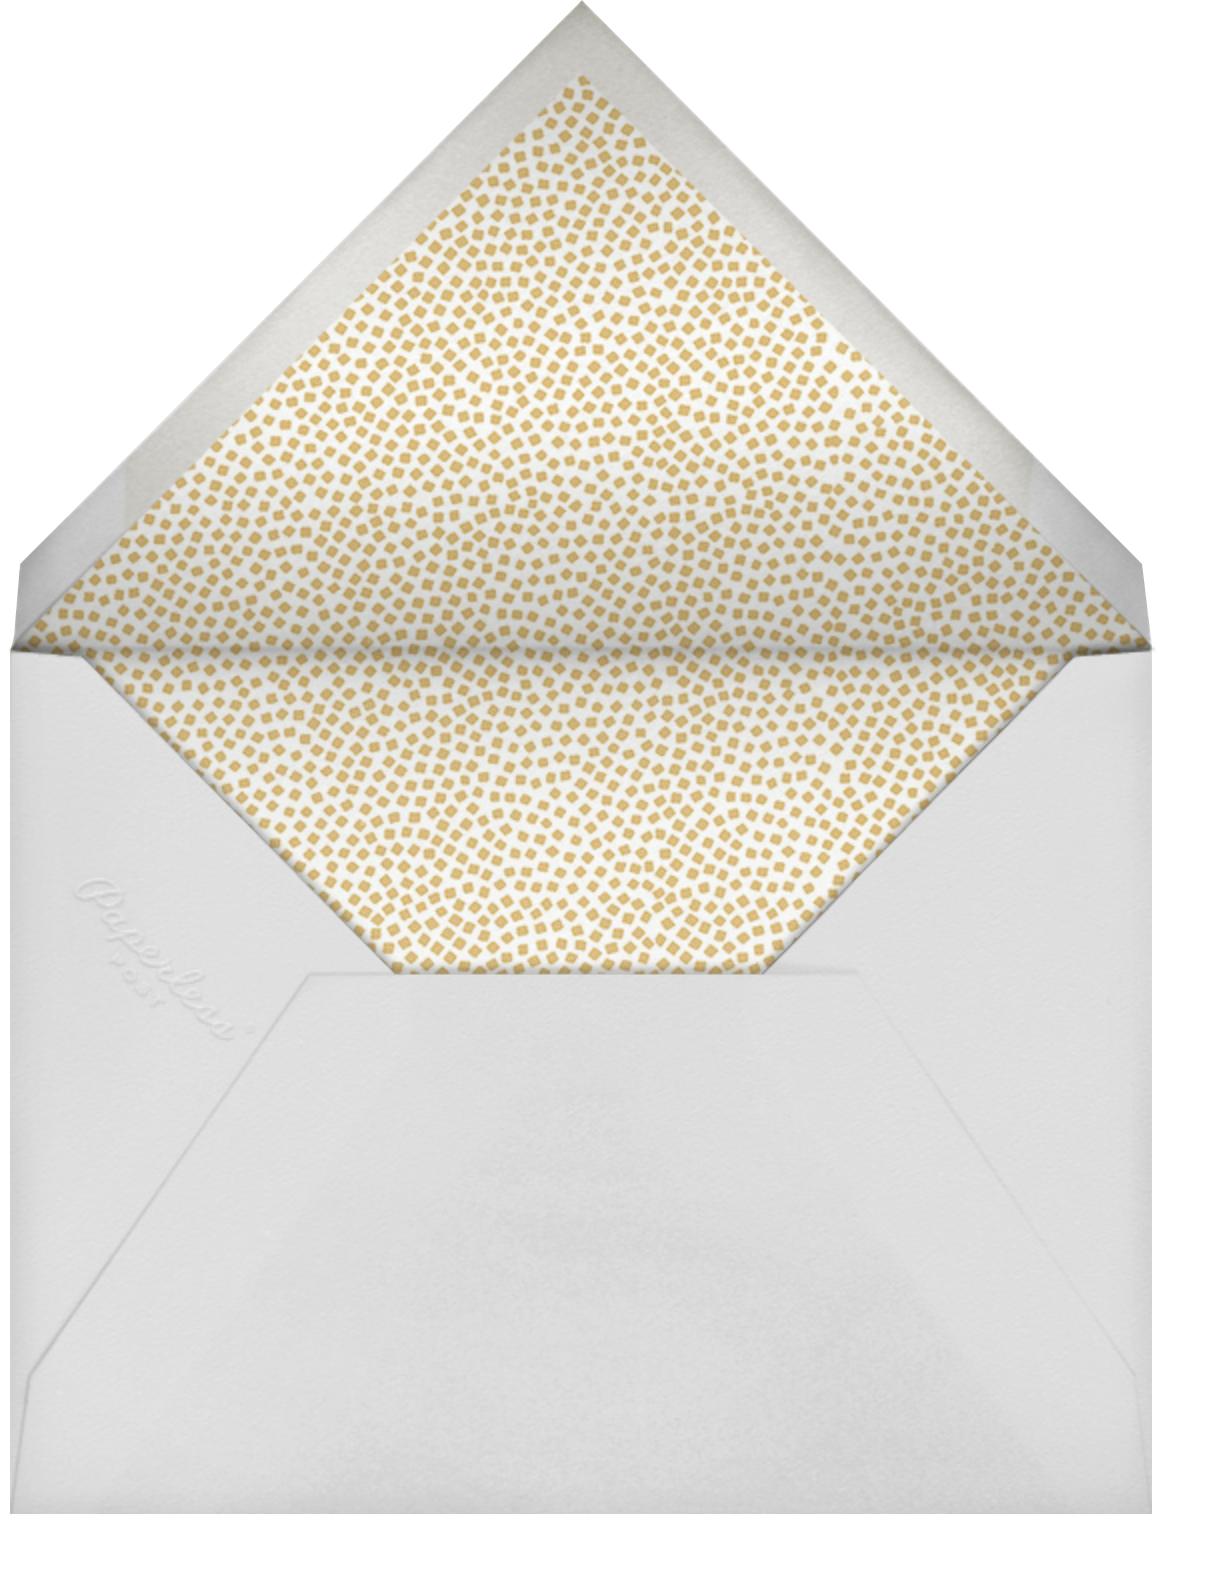 Flaunt (Invitation) - Metallic - Kelly Wearstler - All - envelope back